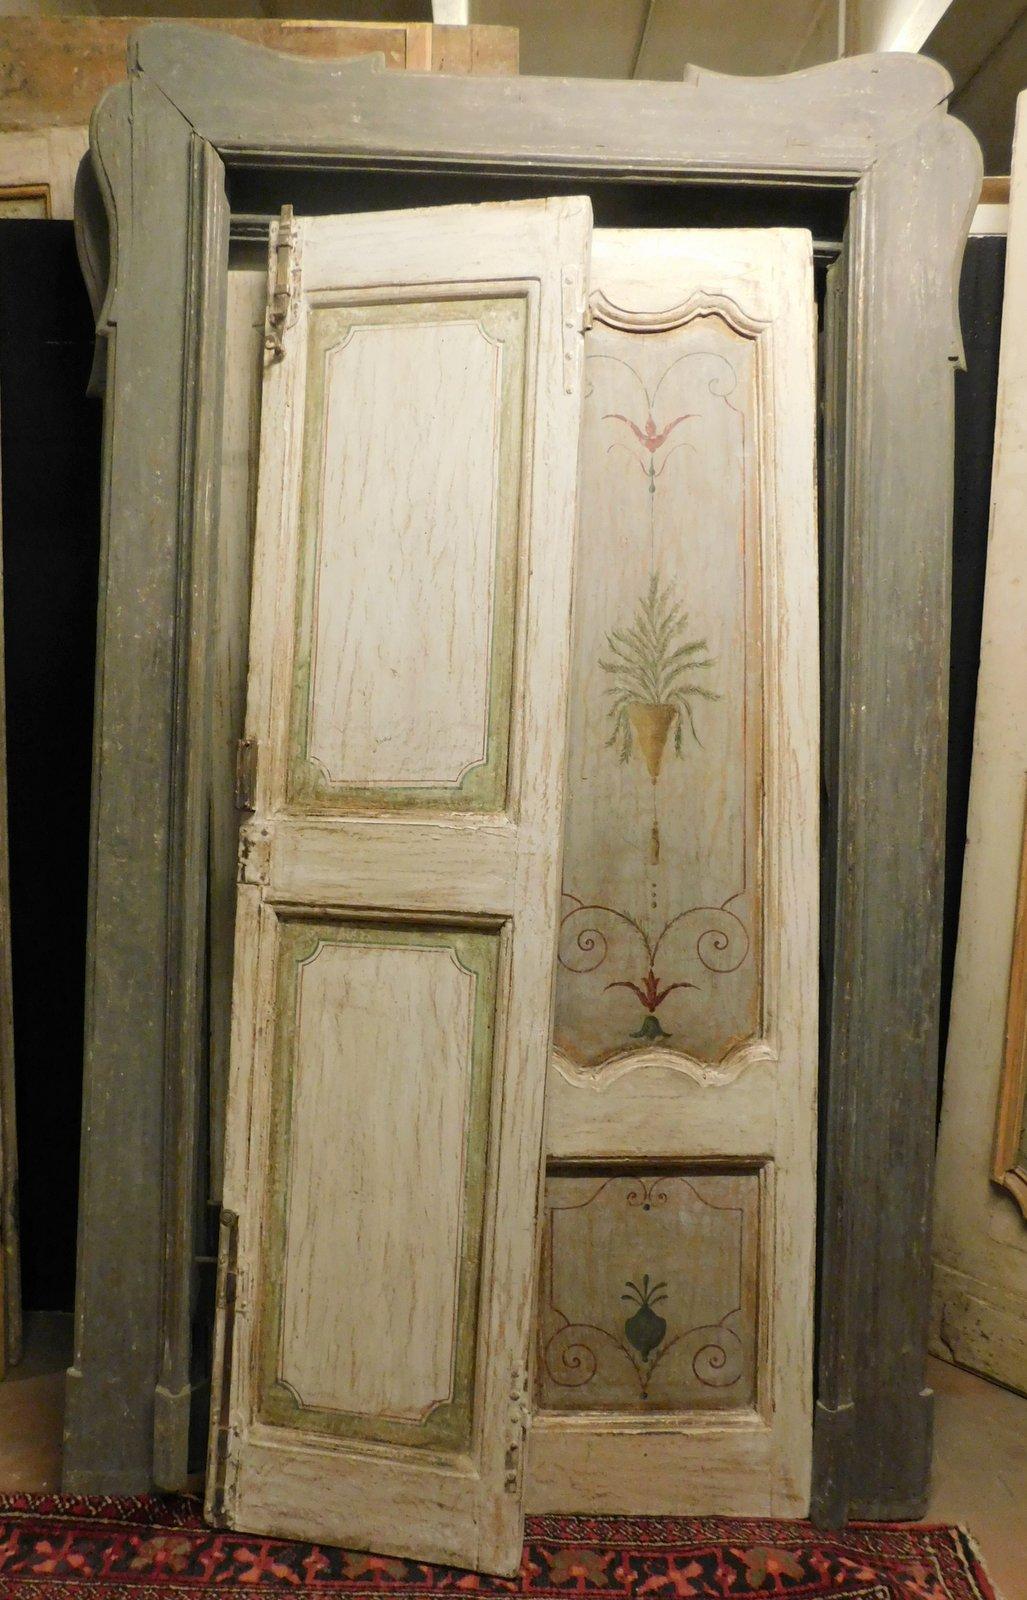 thumb3 pts736 - n. 3 porte laccate con pannelli dipinti, complete di telaio, epoca '700, porta in foto misura cm l 144 x h 242, luce cm l 102 x h 217